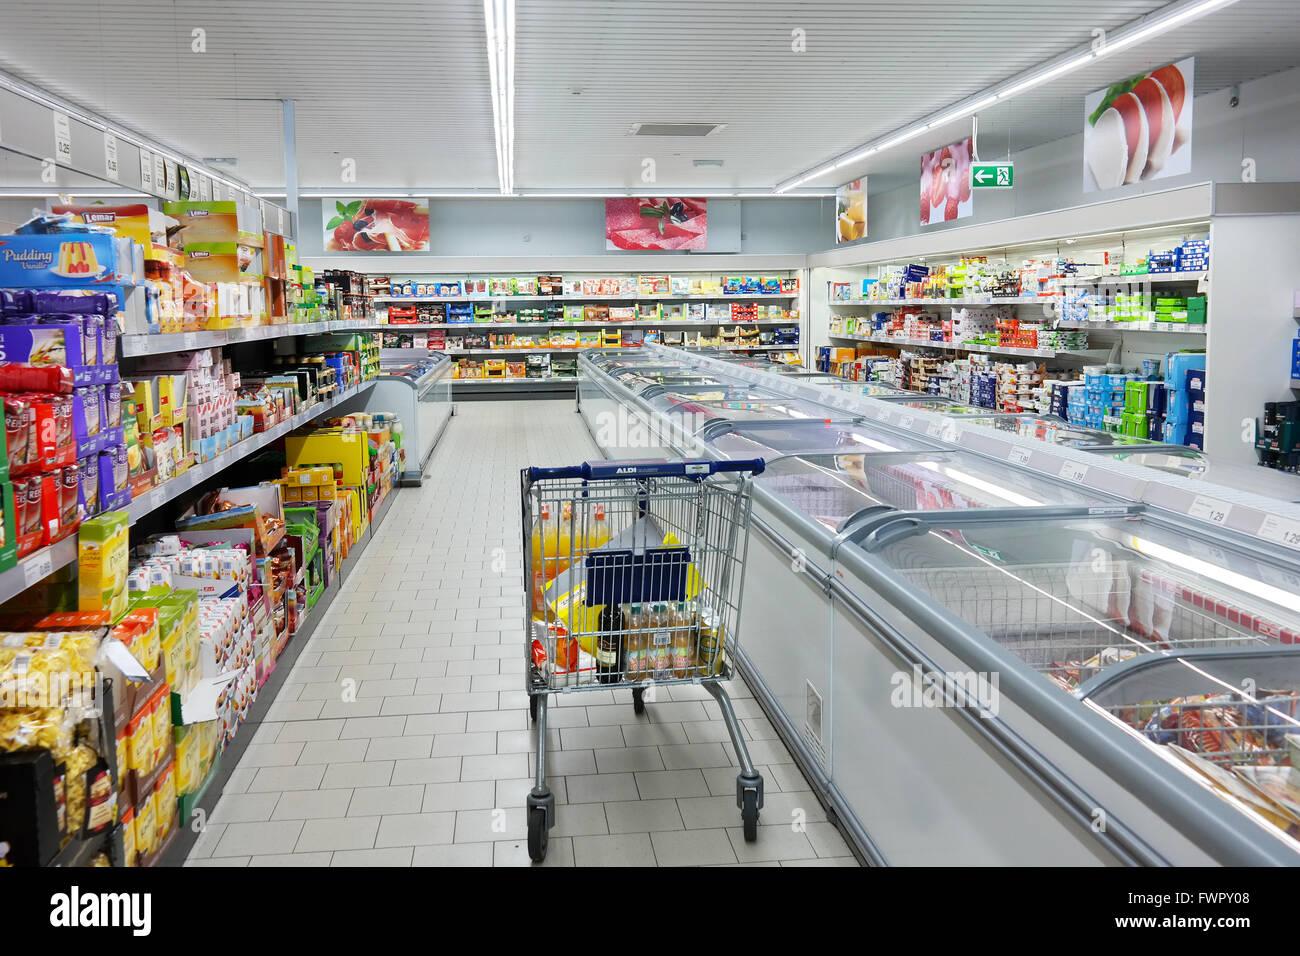 Interior con compras de un supermercado Aldi. Foto de stock